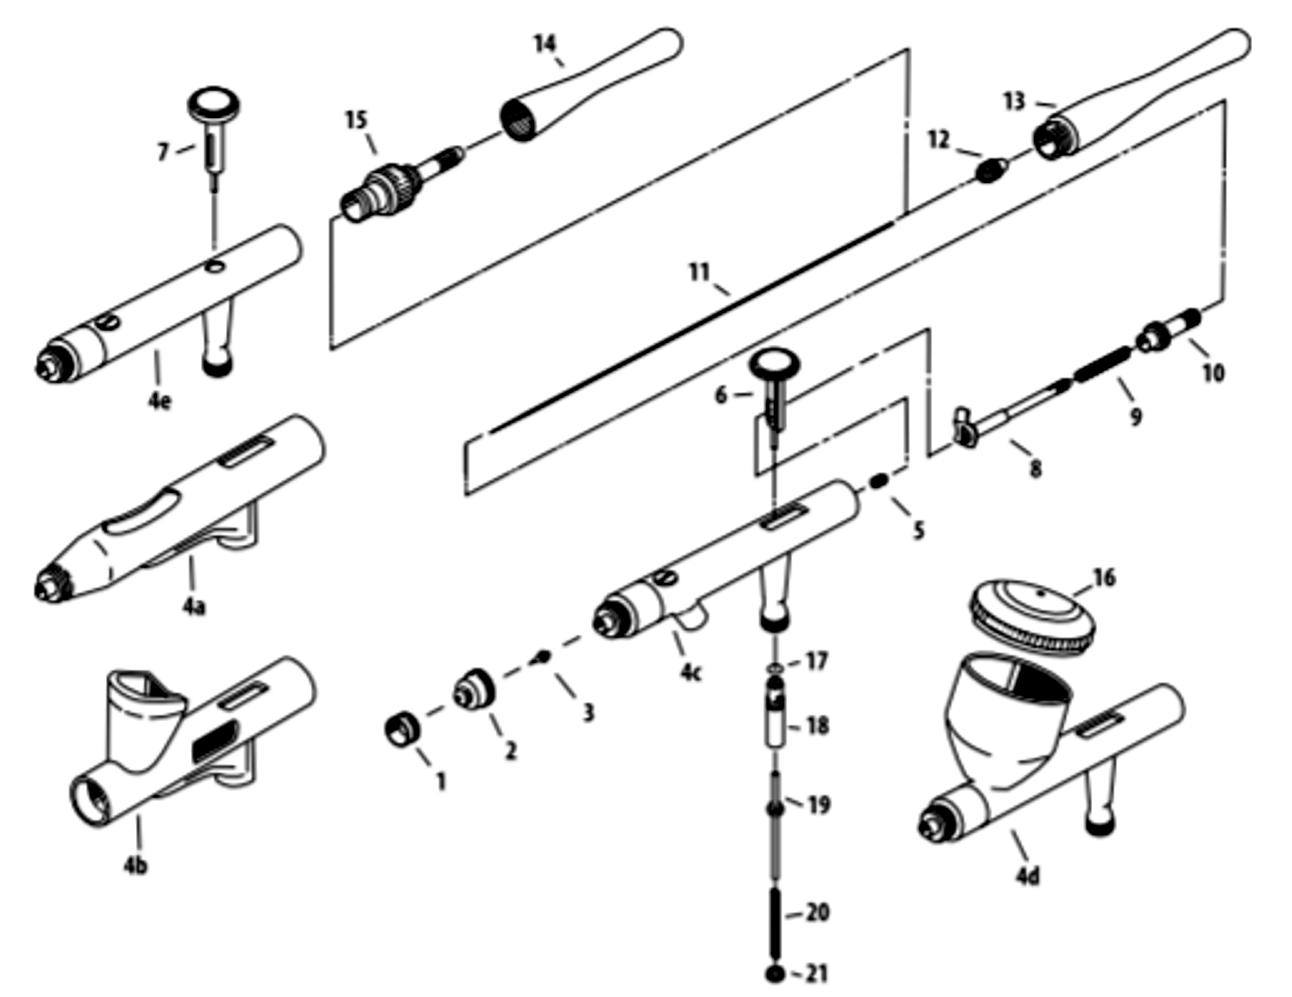 Iwata Revolution Series Parts List and Schematic